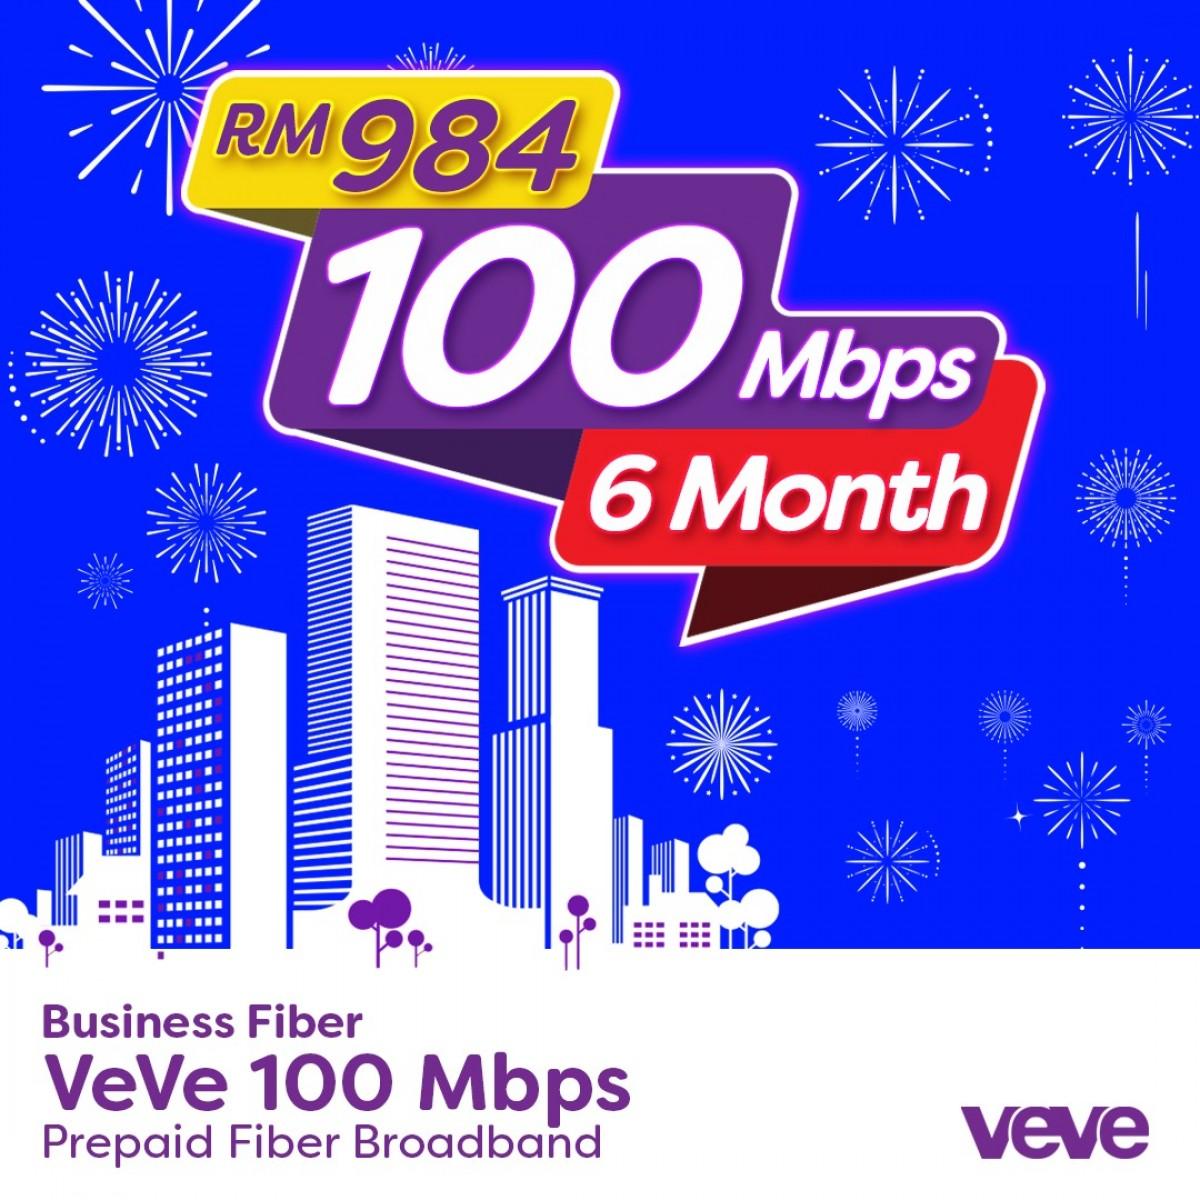 VeVe 100 Mbps Business Fibre (6 Month) - VEVE